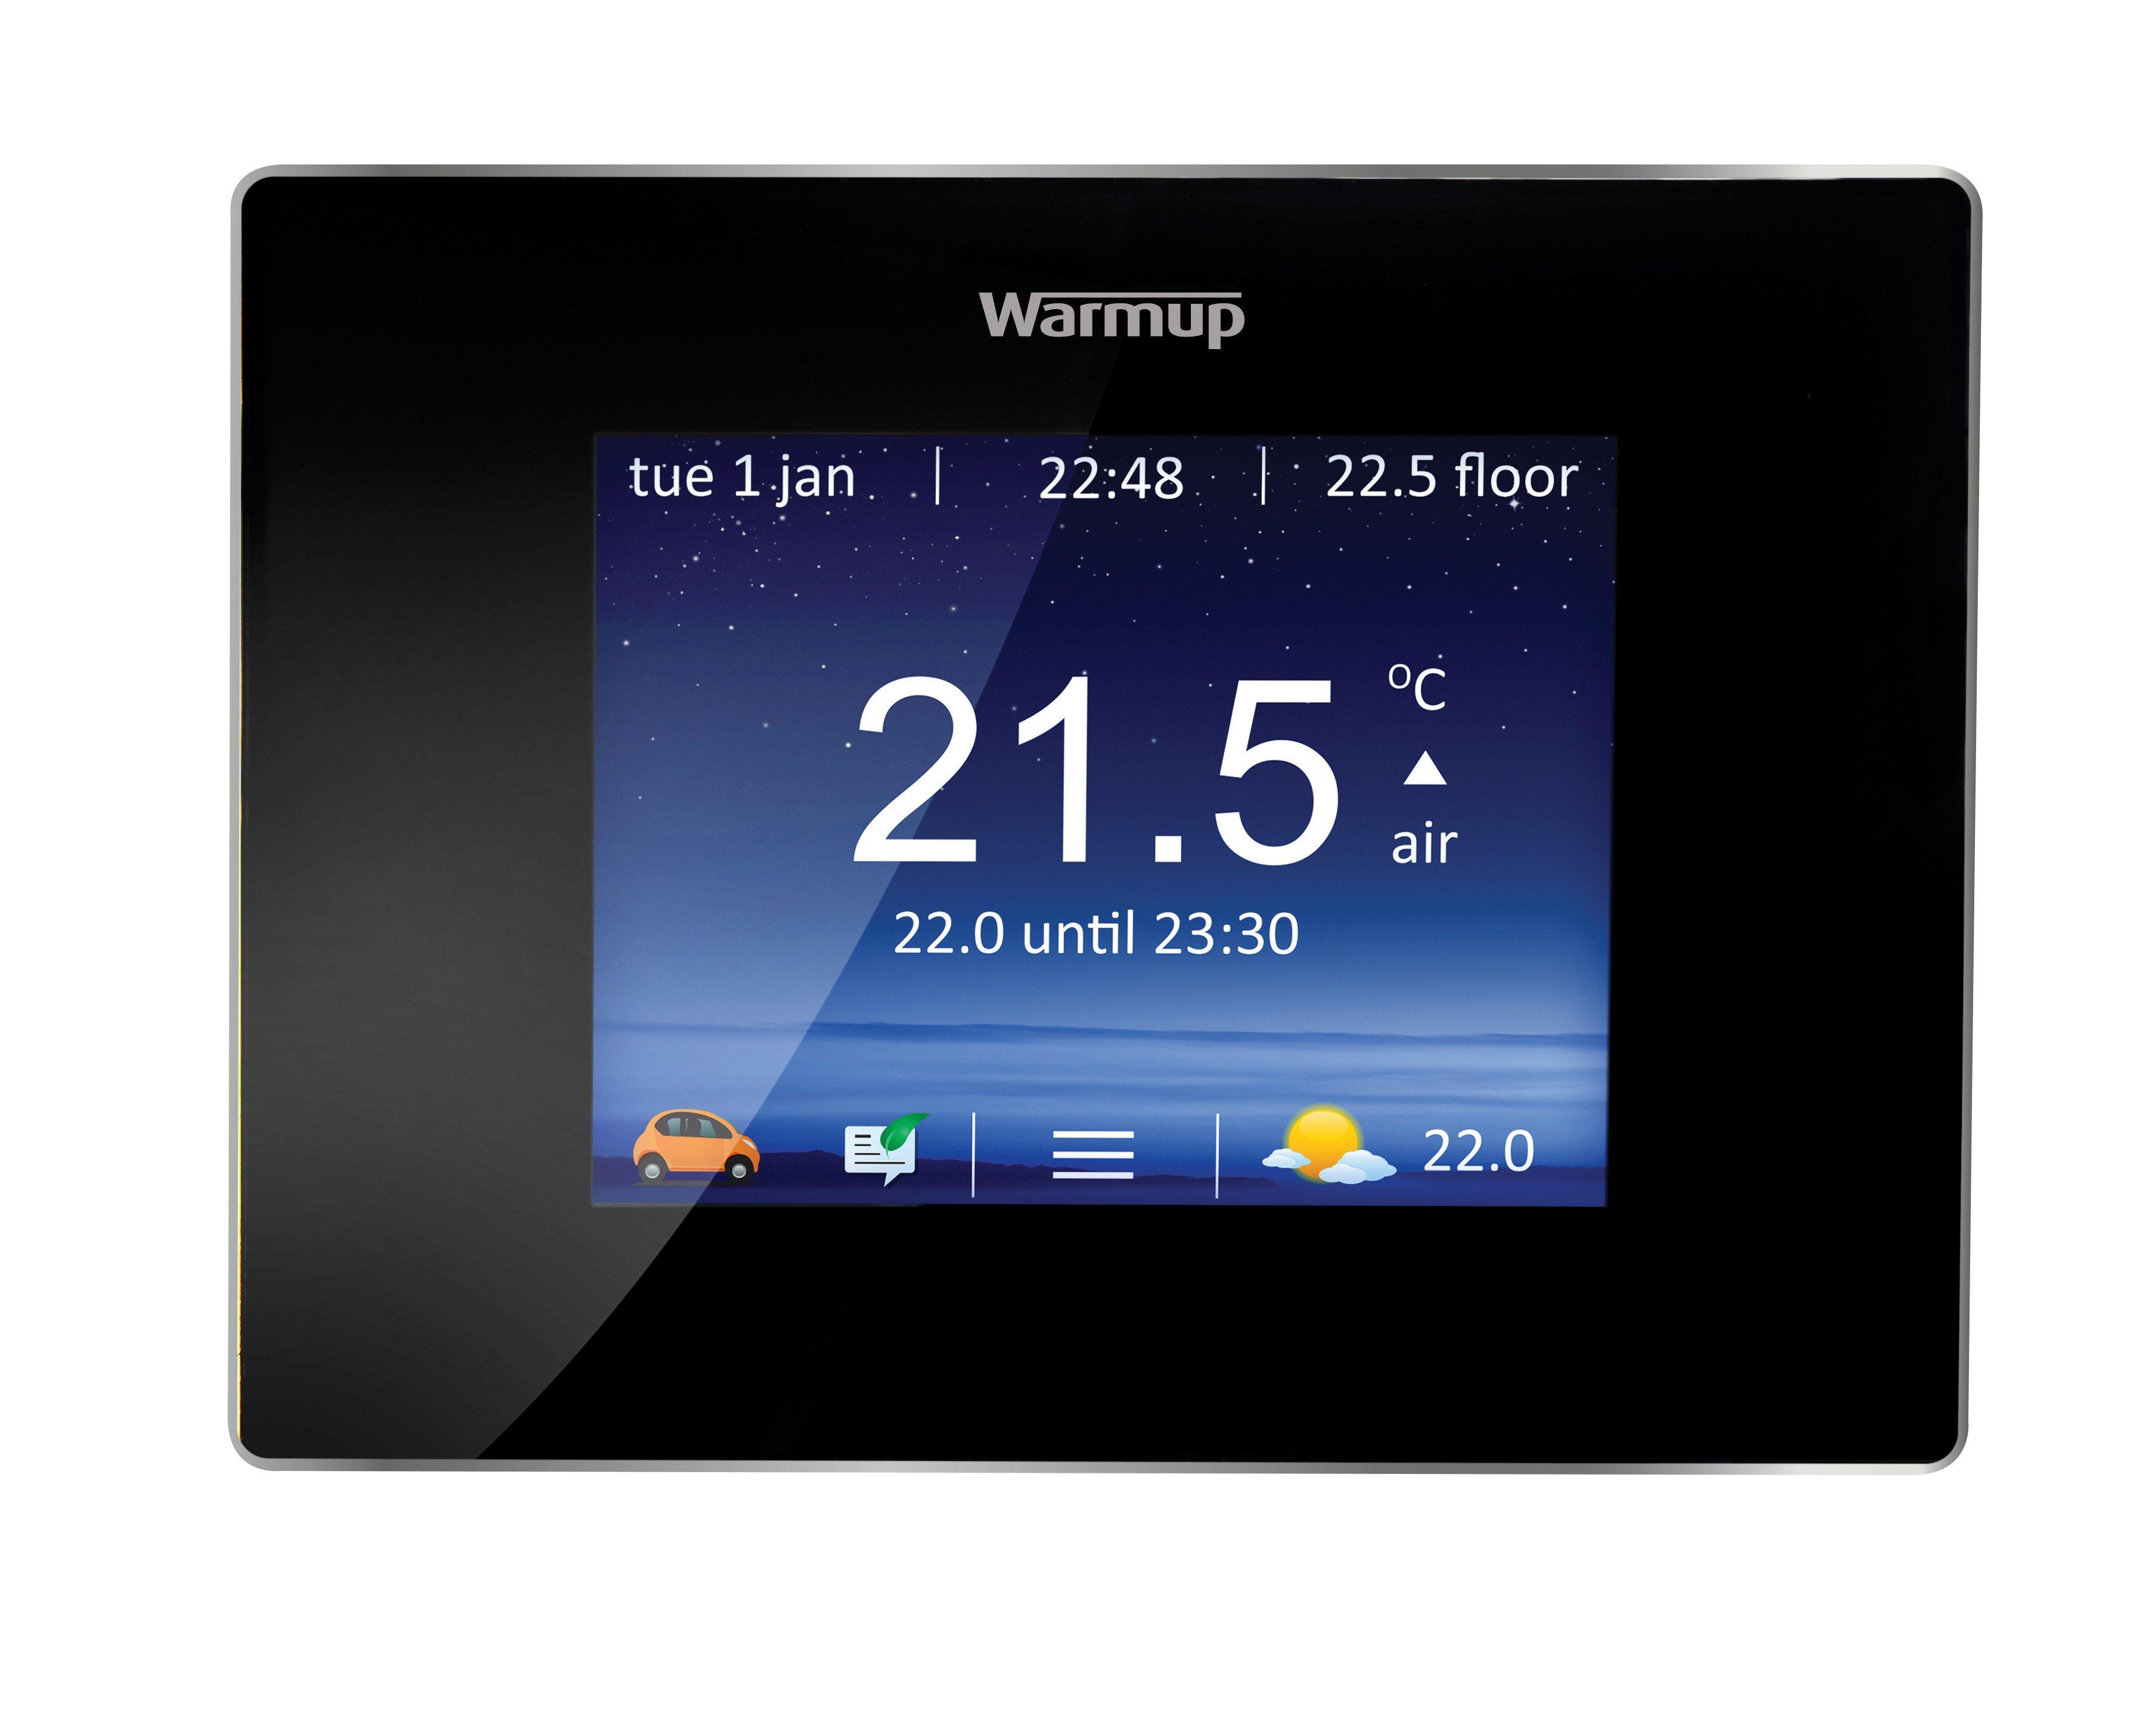 4iE Smart WiFi Thermostat - Onyx Black